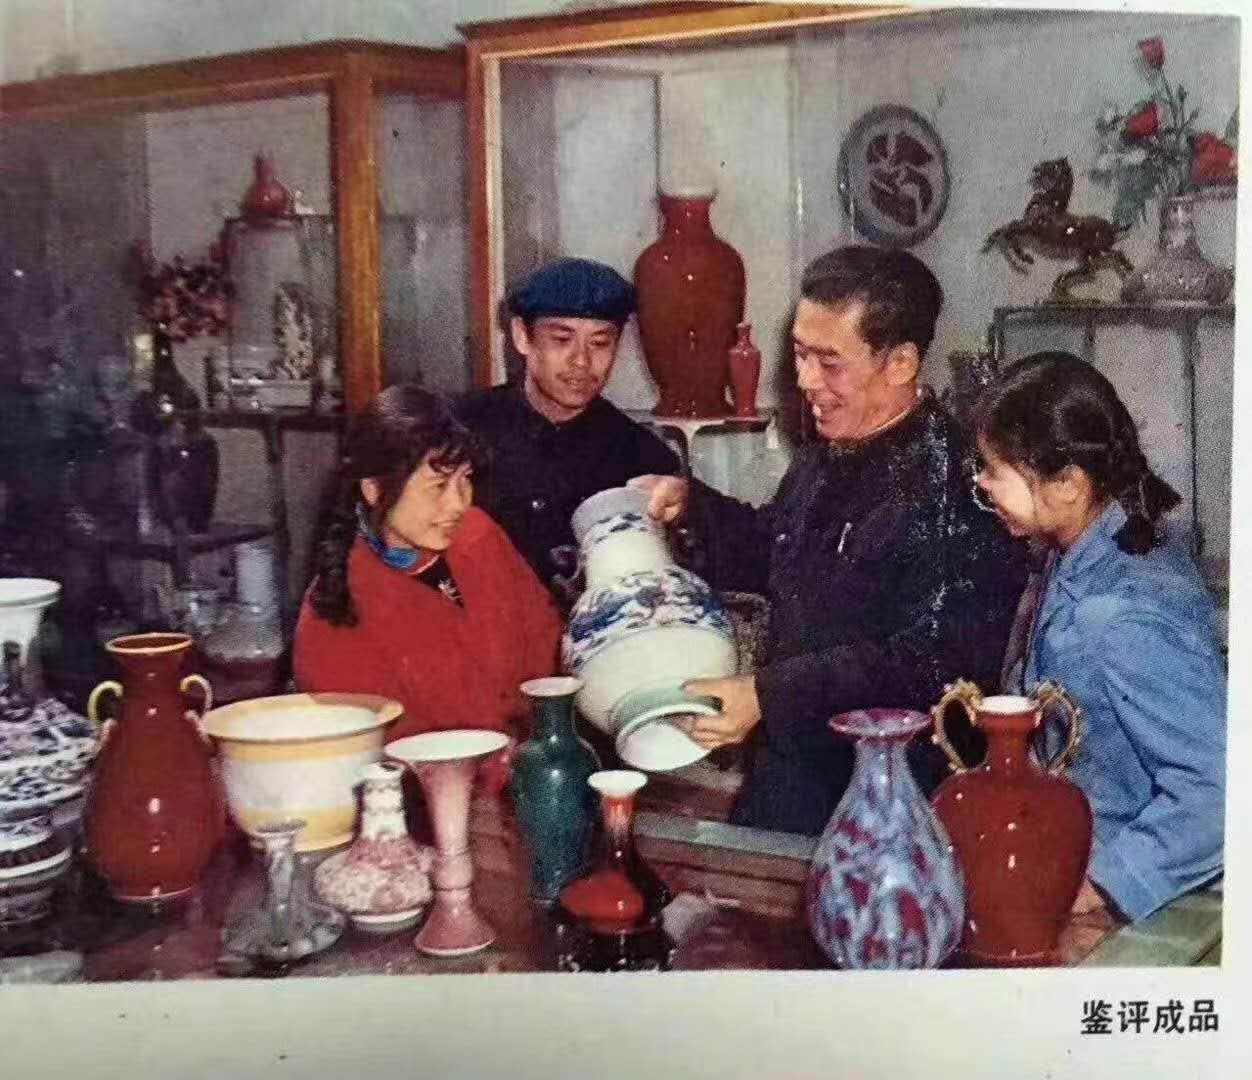 一个即将爆发的瓷器收藏品种??(ZT)